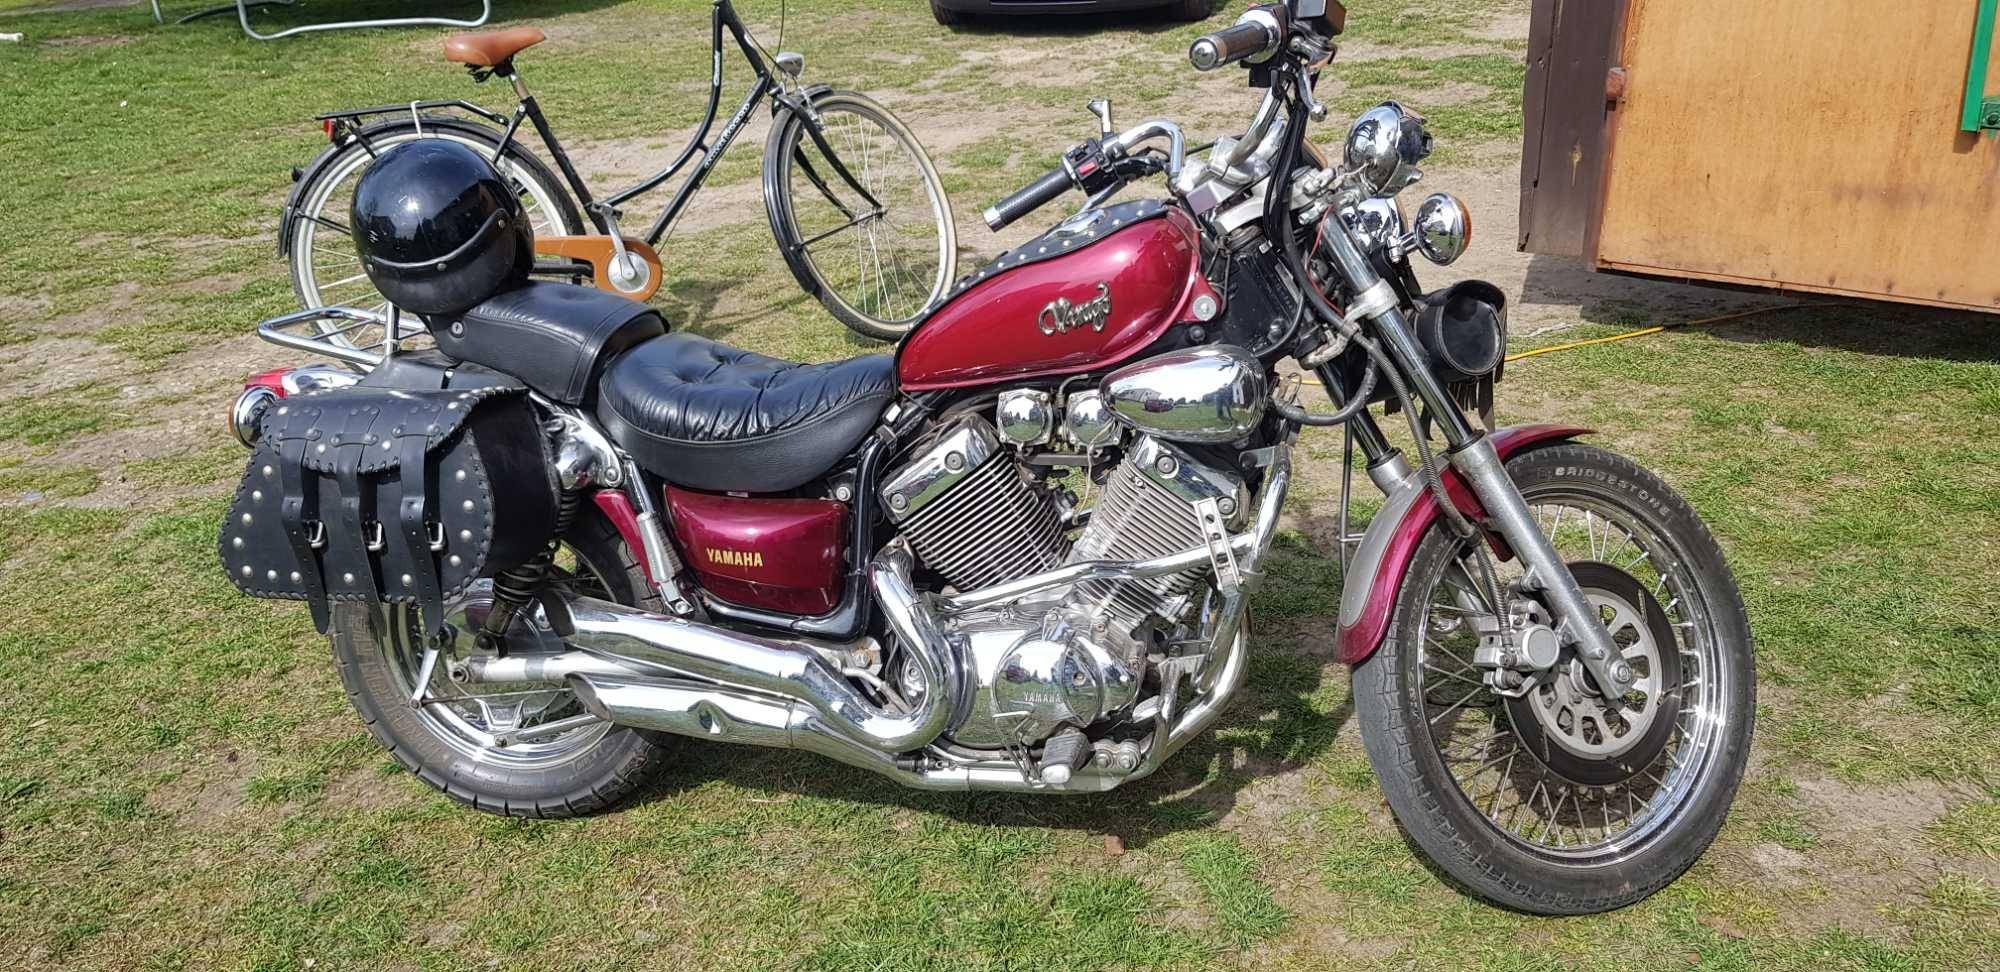 Yamaha virago 535 sprzedam